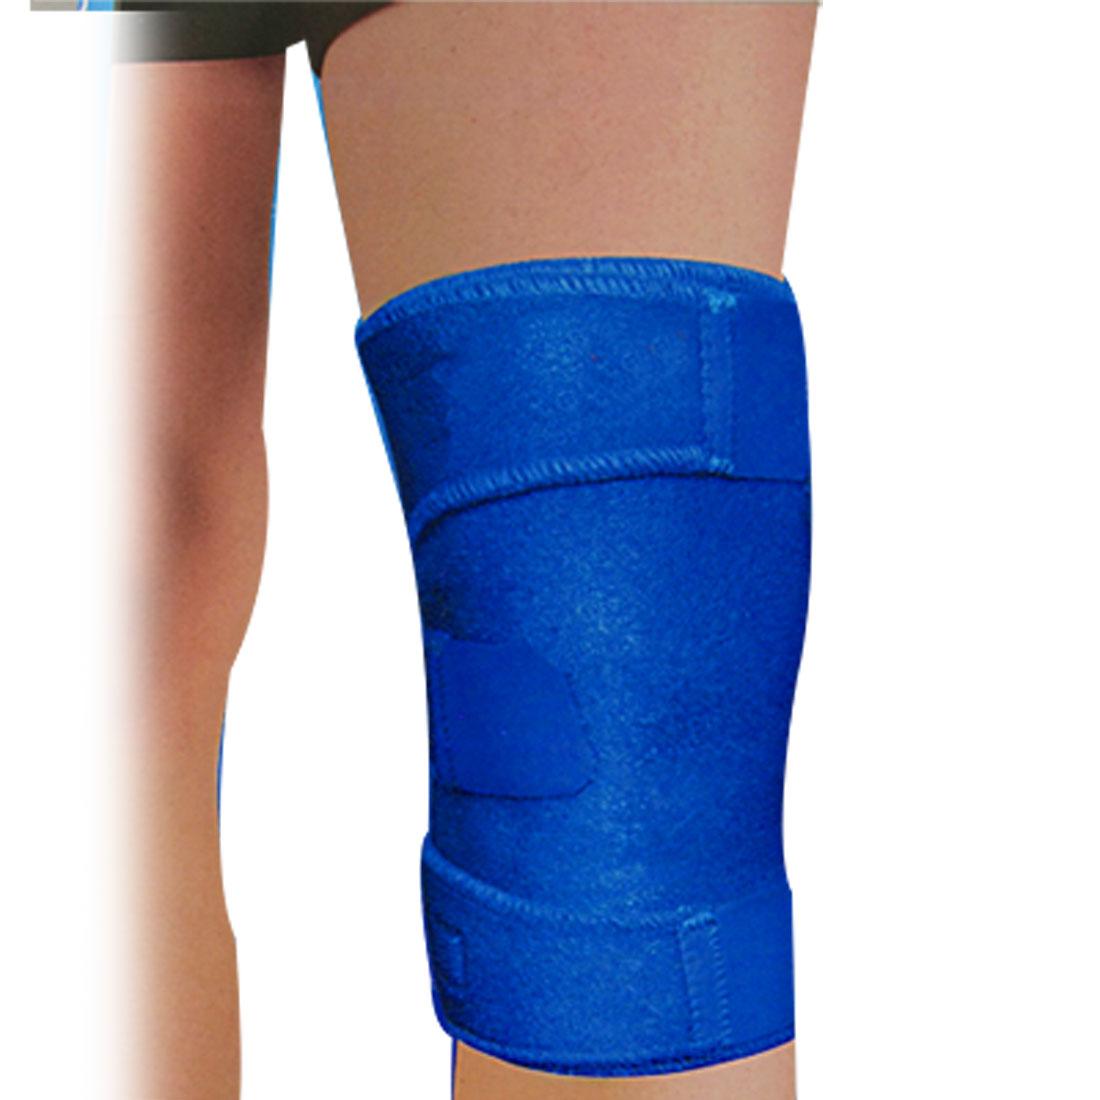 Hook Loop Fastener Neoprene Knee Support Guard Royal Blue